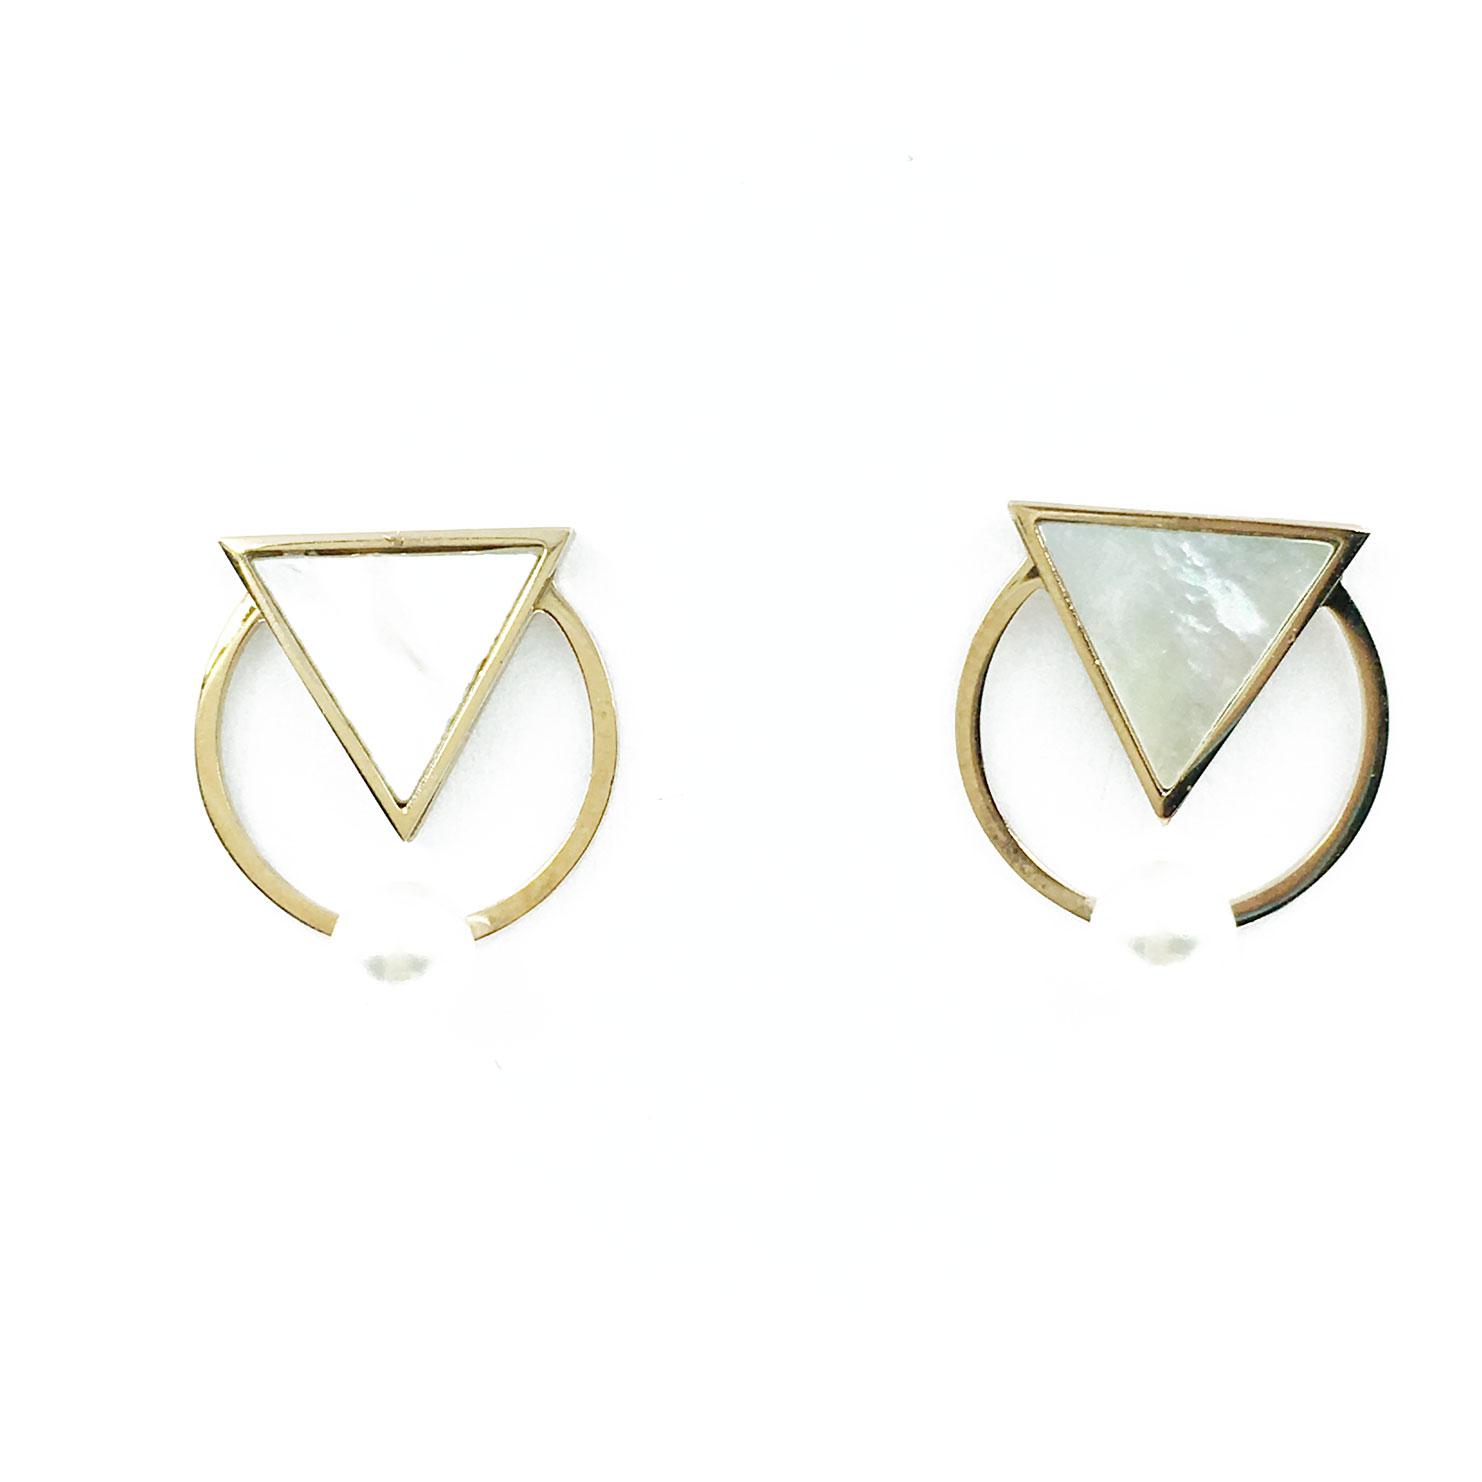 韓國 不銹鋼 珍珠 三角形 金邊 幾何 耳針式 耳環